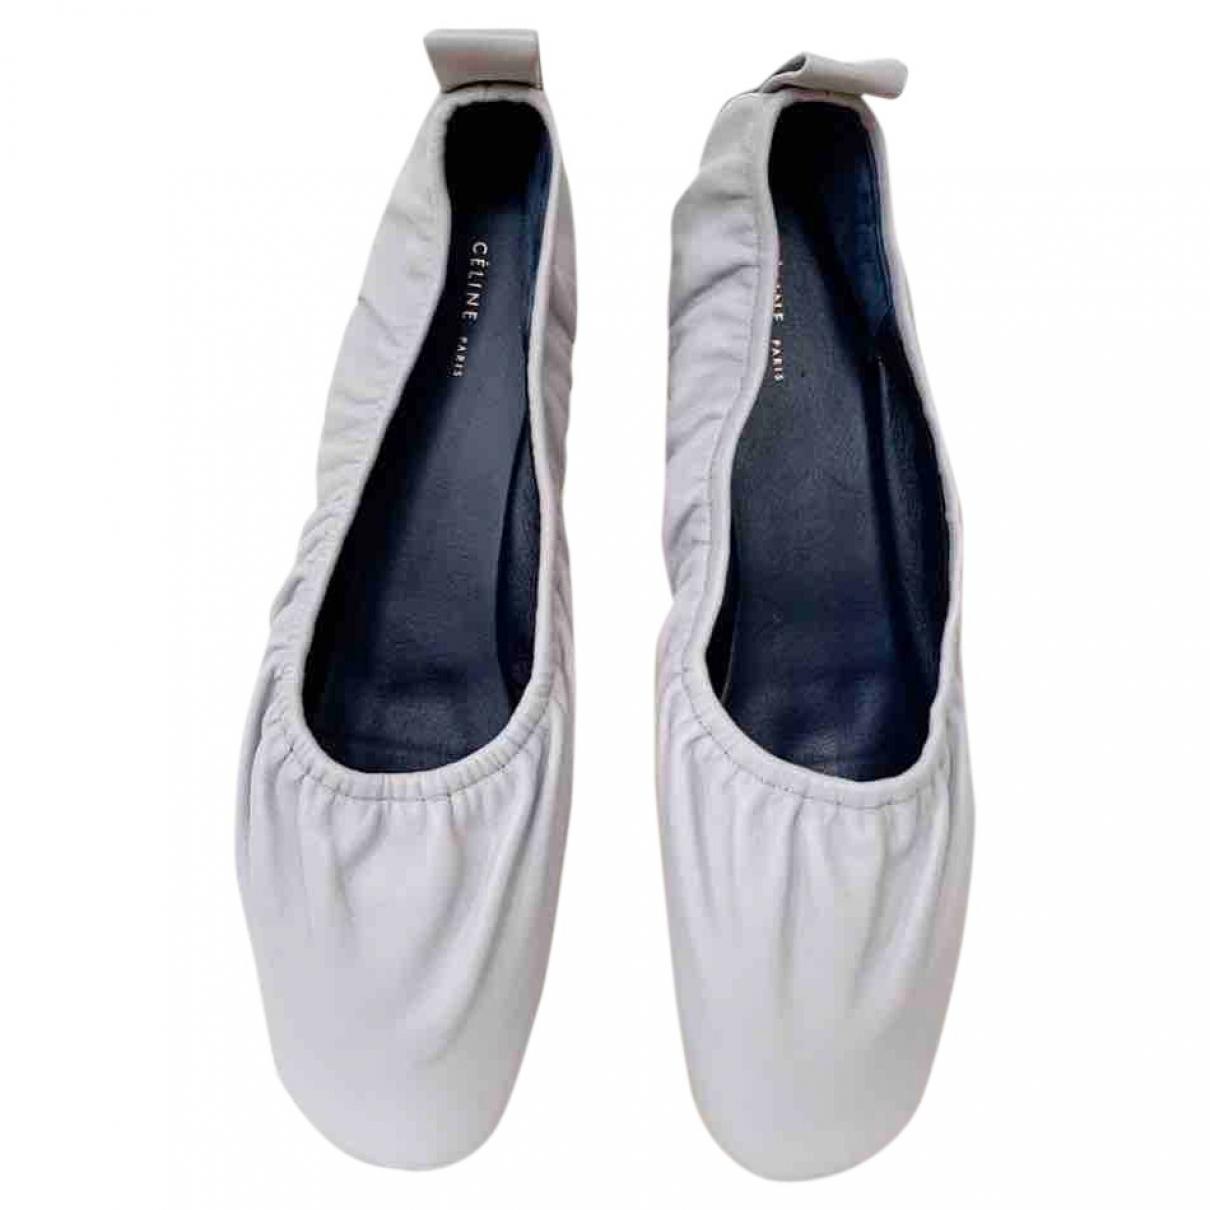 Bailarinas Soft Ballerina de Cuero Celine